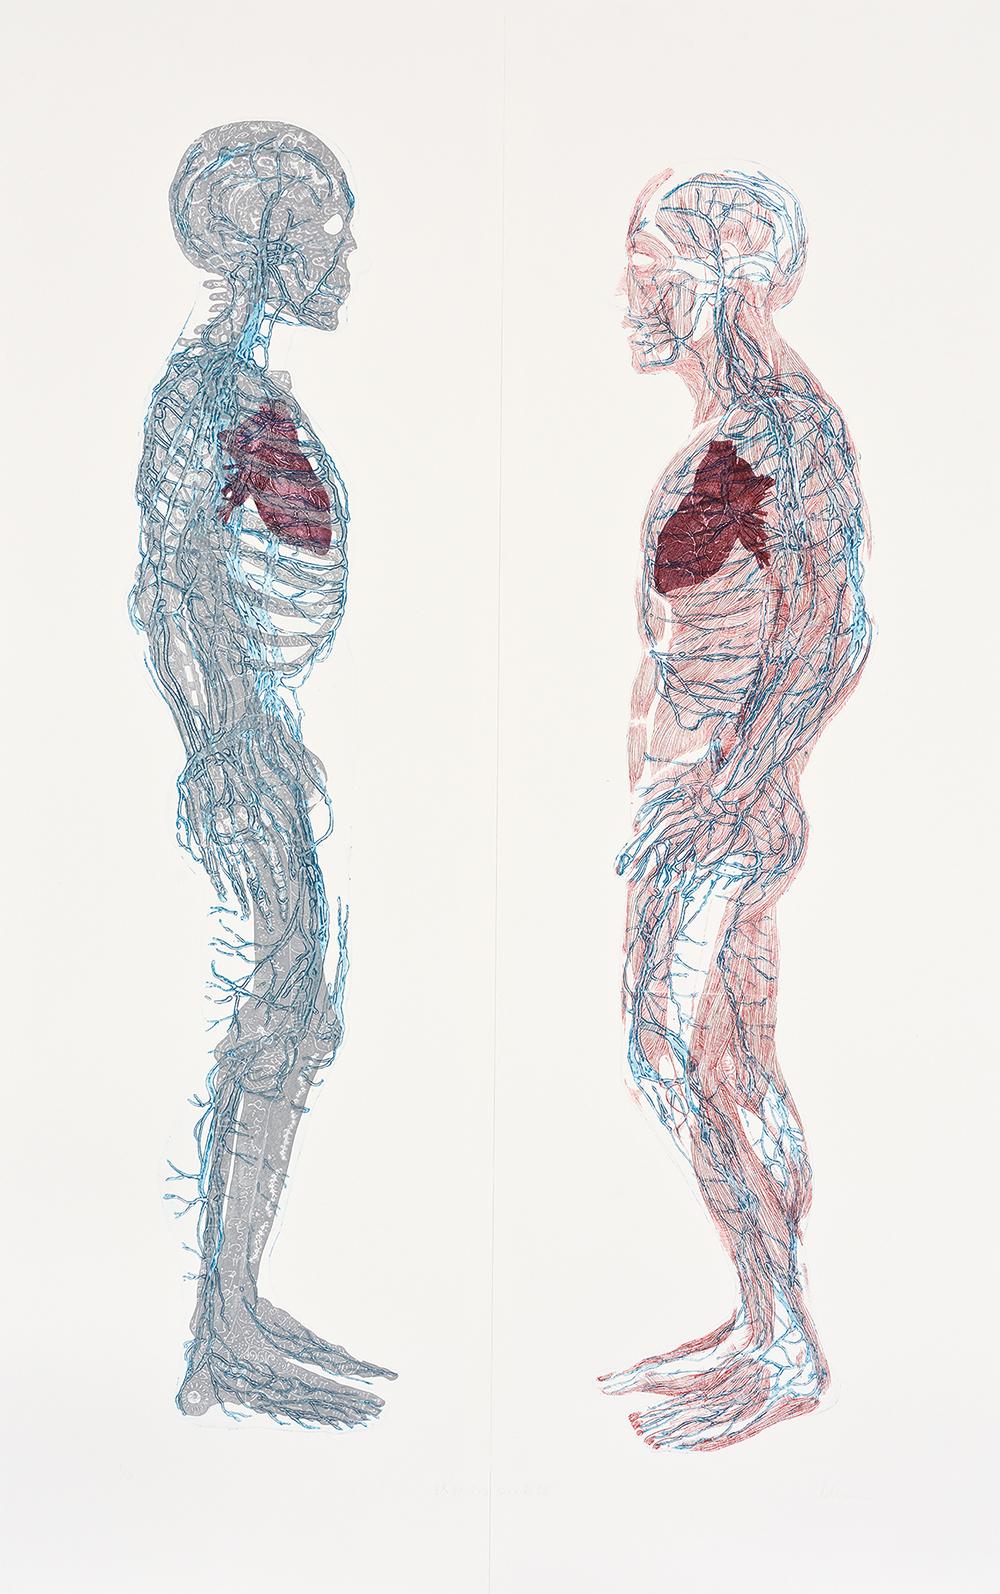 小泉 百合子 「終わりのない対話」 コラグラフ 140×75cm  撮影 川上弘美写真スタジオ